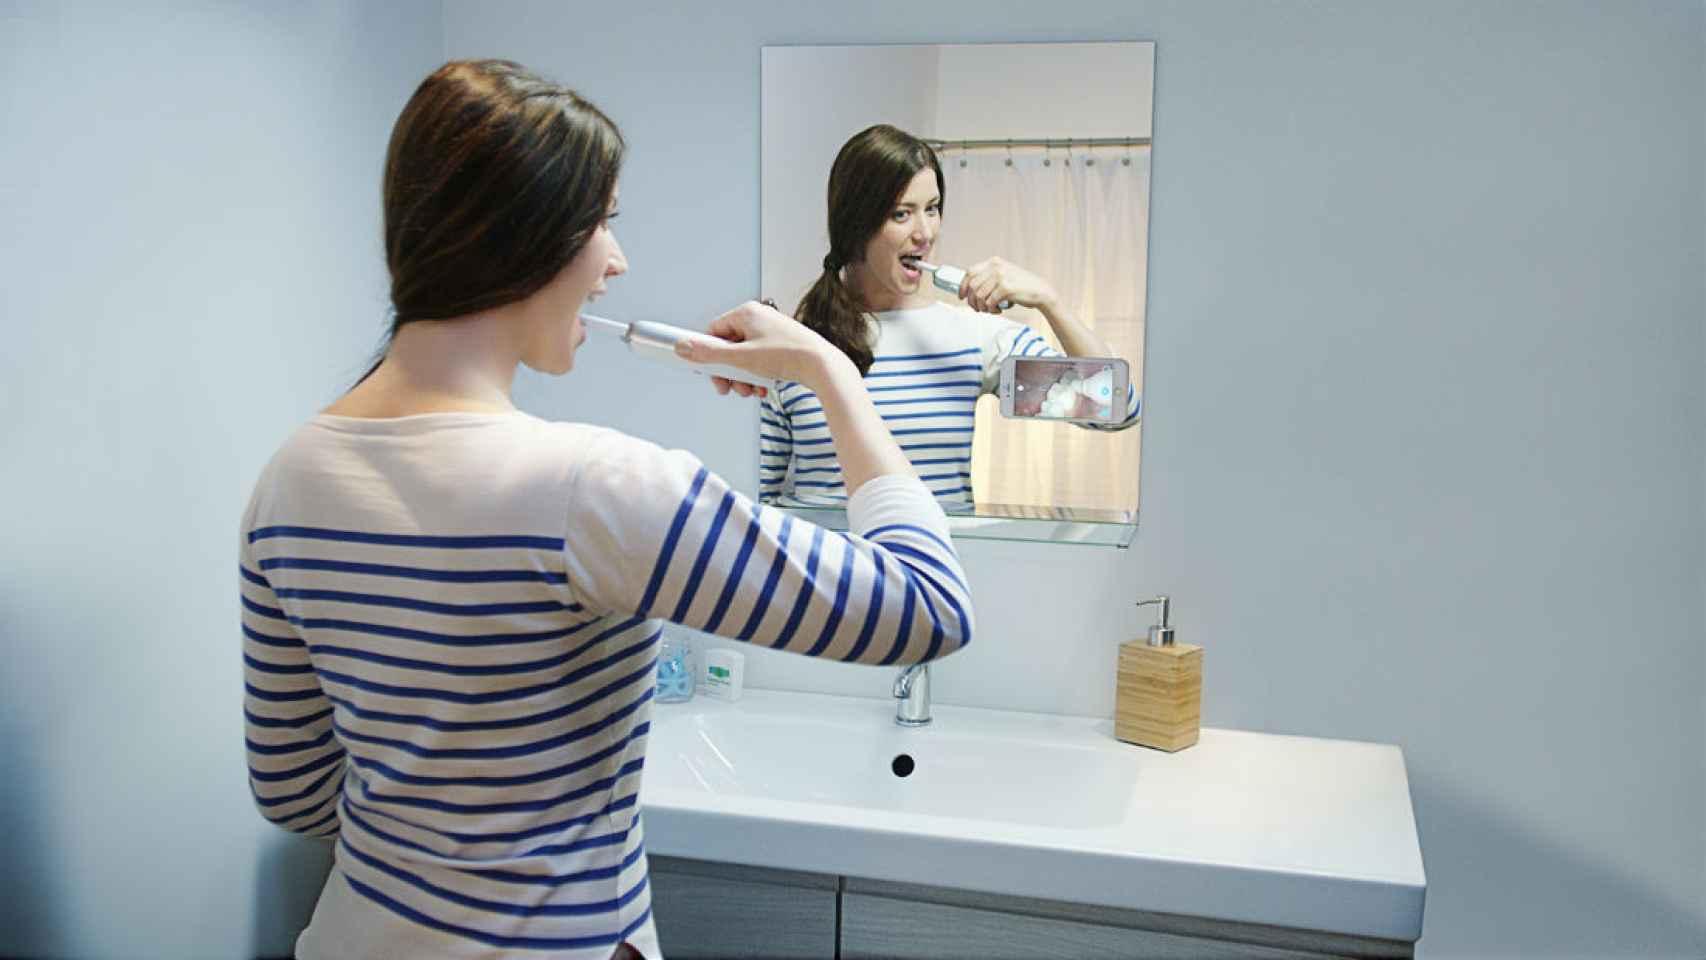 Una mujer lavándose los dientes con el cepillo Prophix.